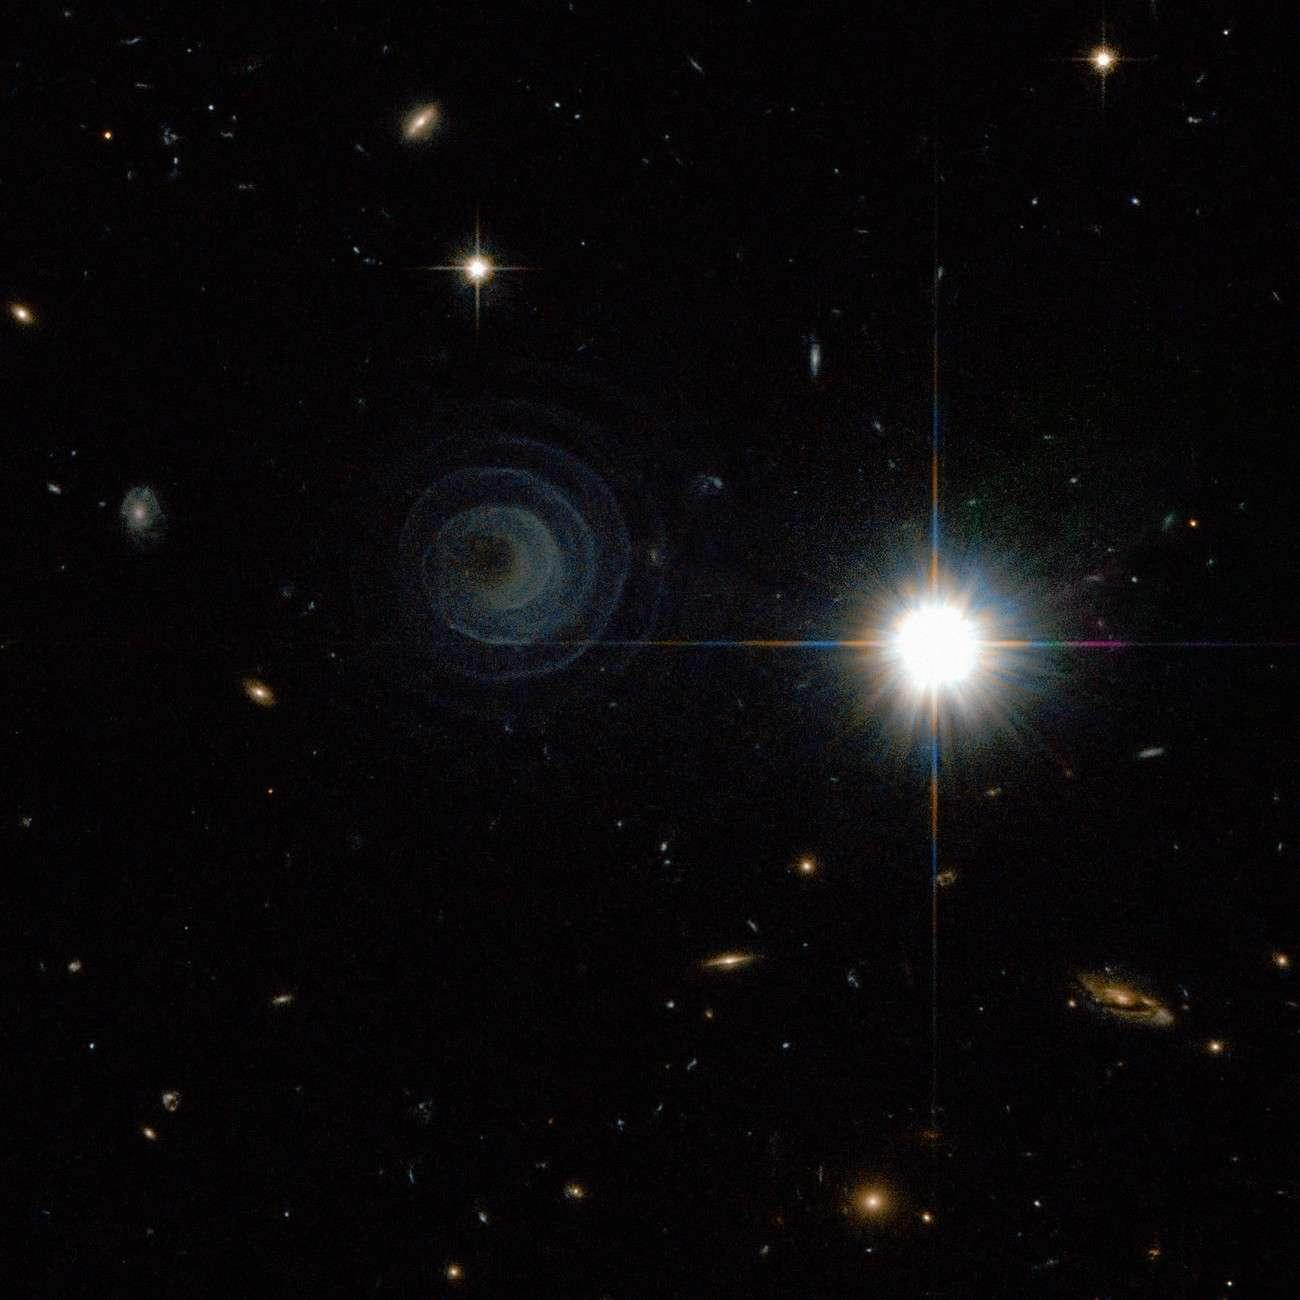 L'intriguante spirale de la nébuleuse planétaire Iras 23166+1655 se déroule à proximité d'une brillante étoile de la constellation de Pégase. Crédit Esa/Nasa/R. Sahai